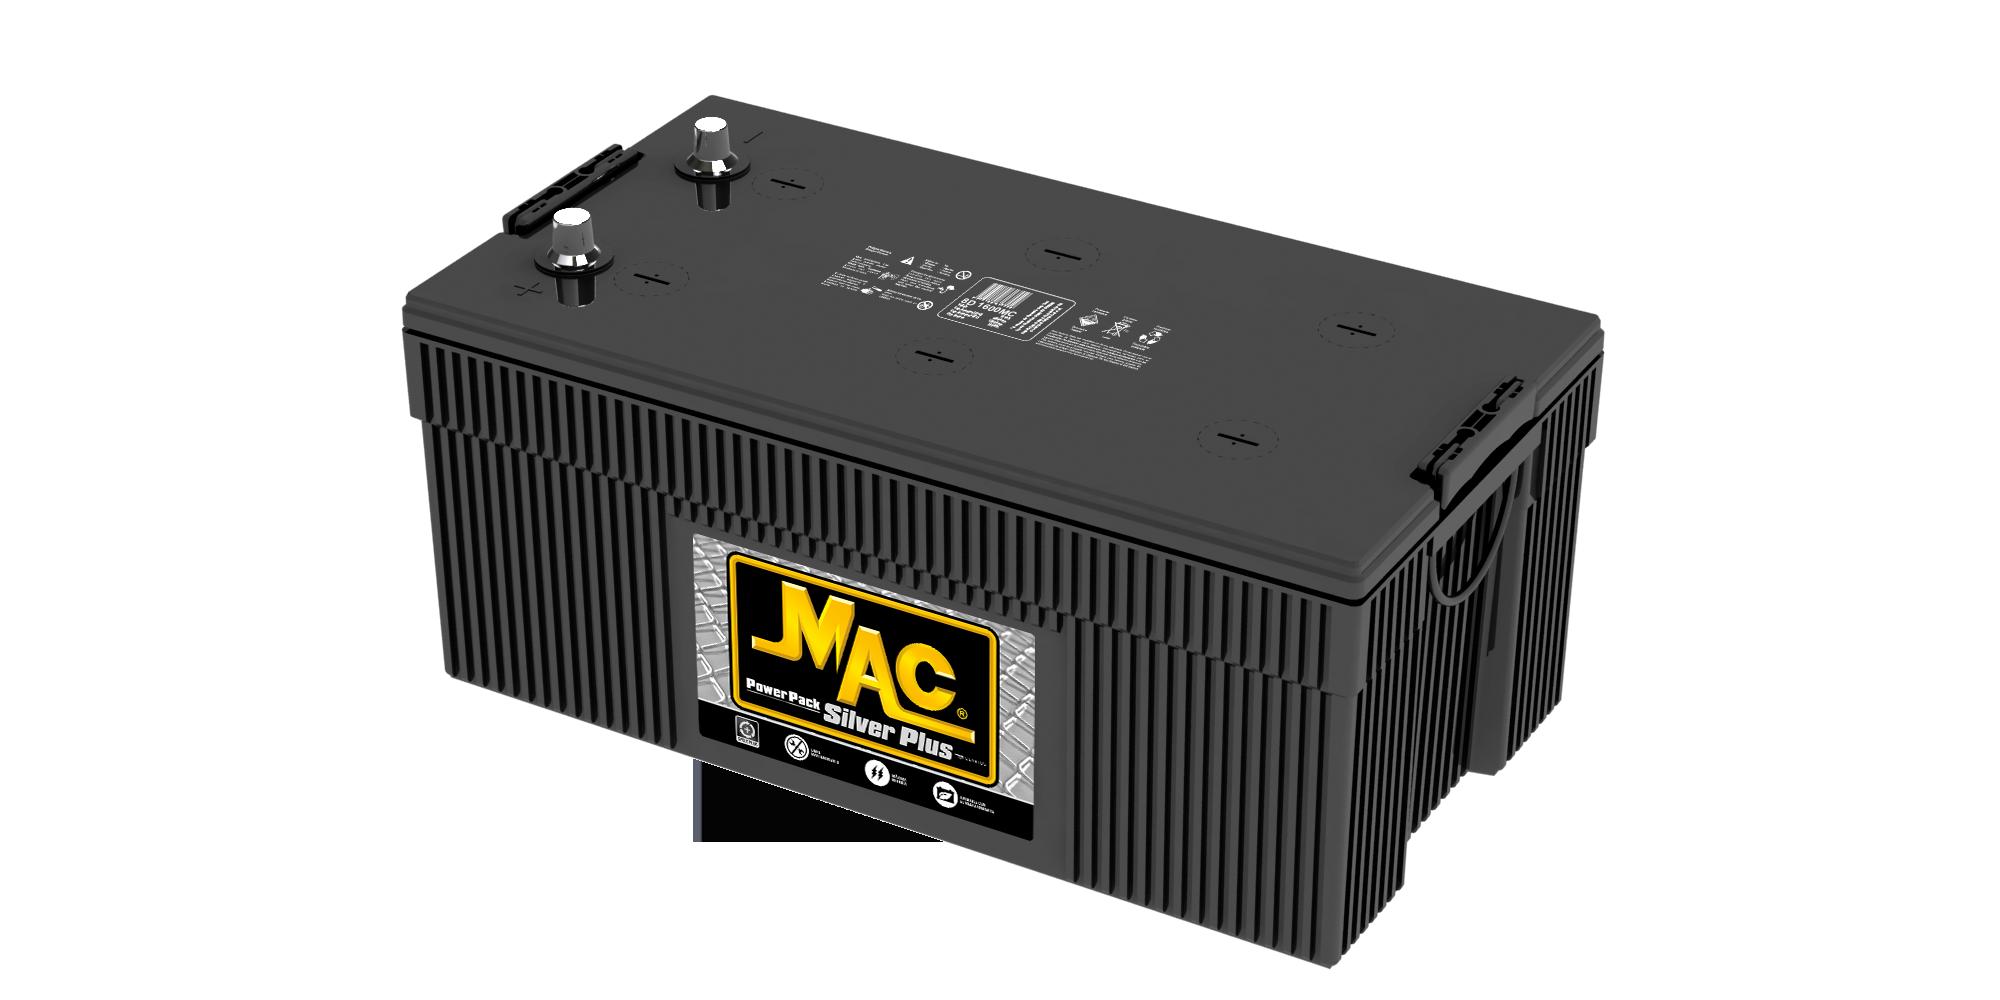 Mac Silver Plus 8D1600MC